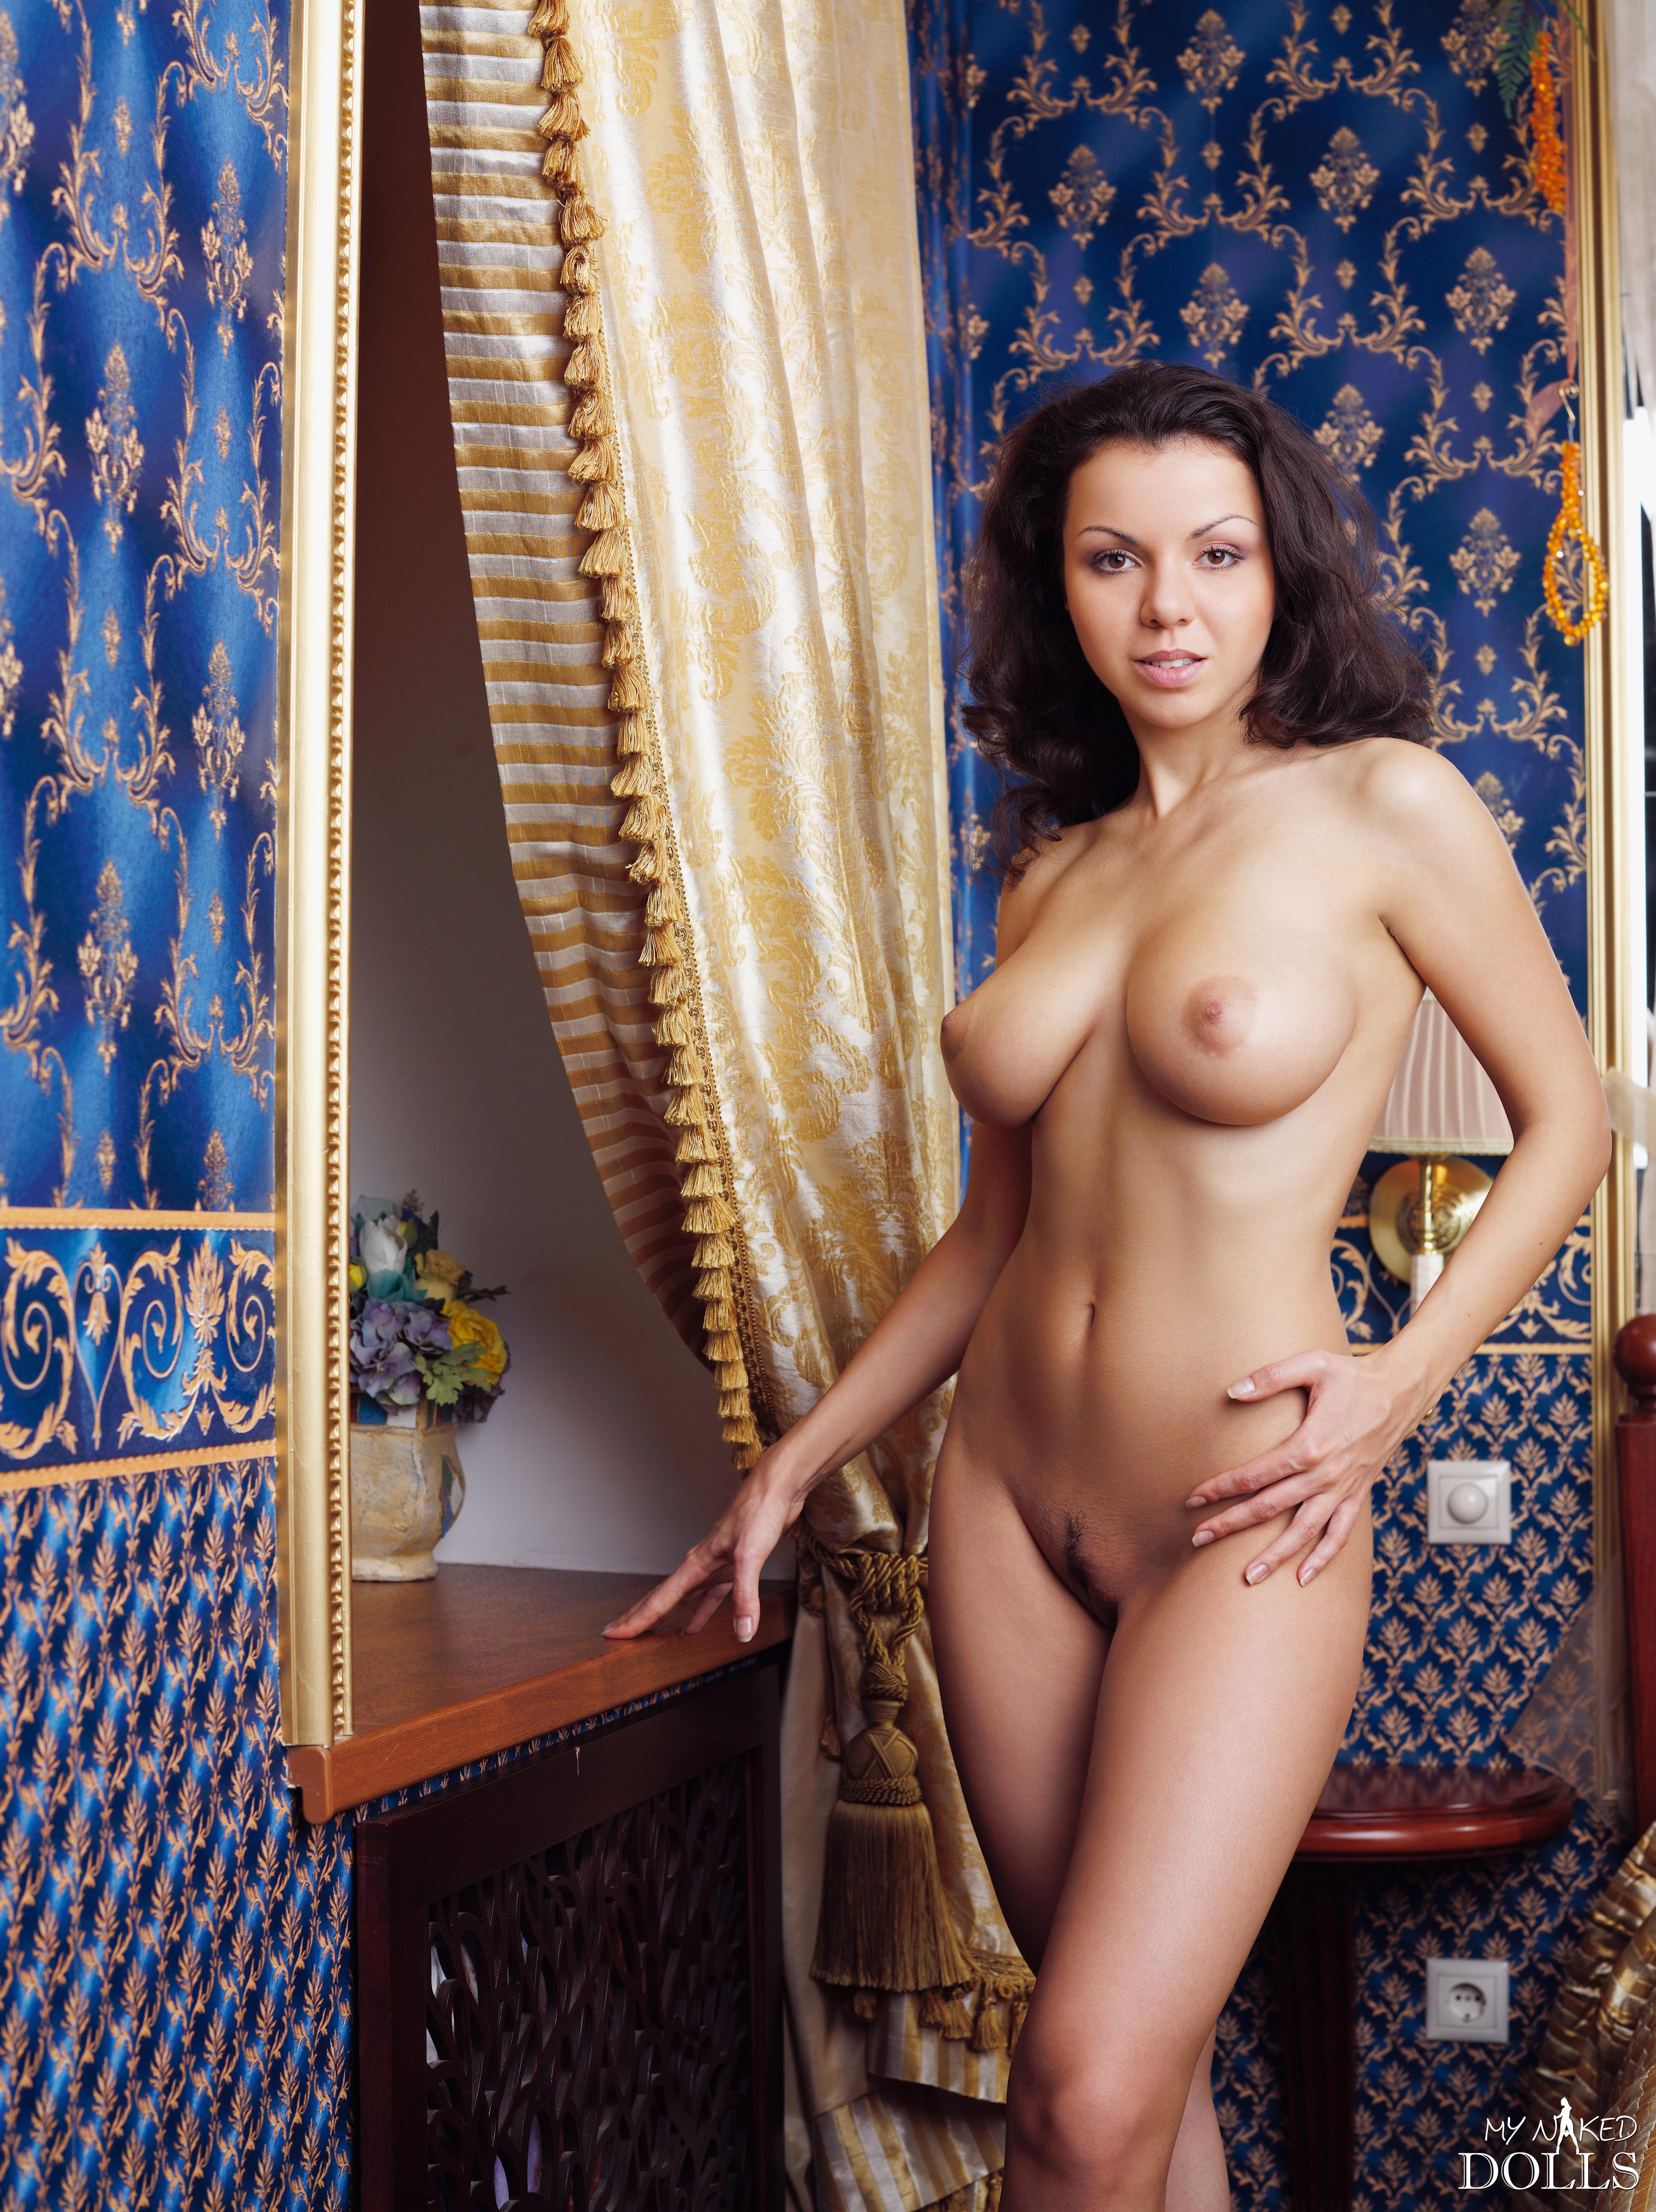 znamenitosti-foto-anna-kovalchuk-golaya